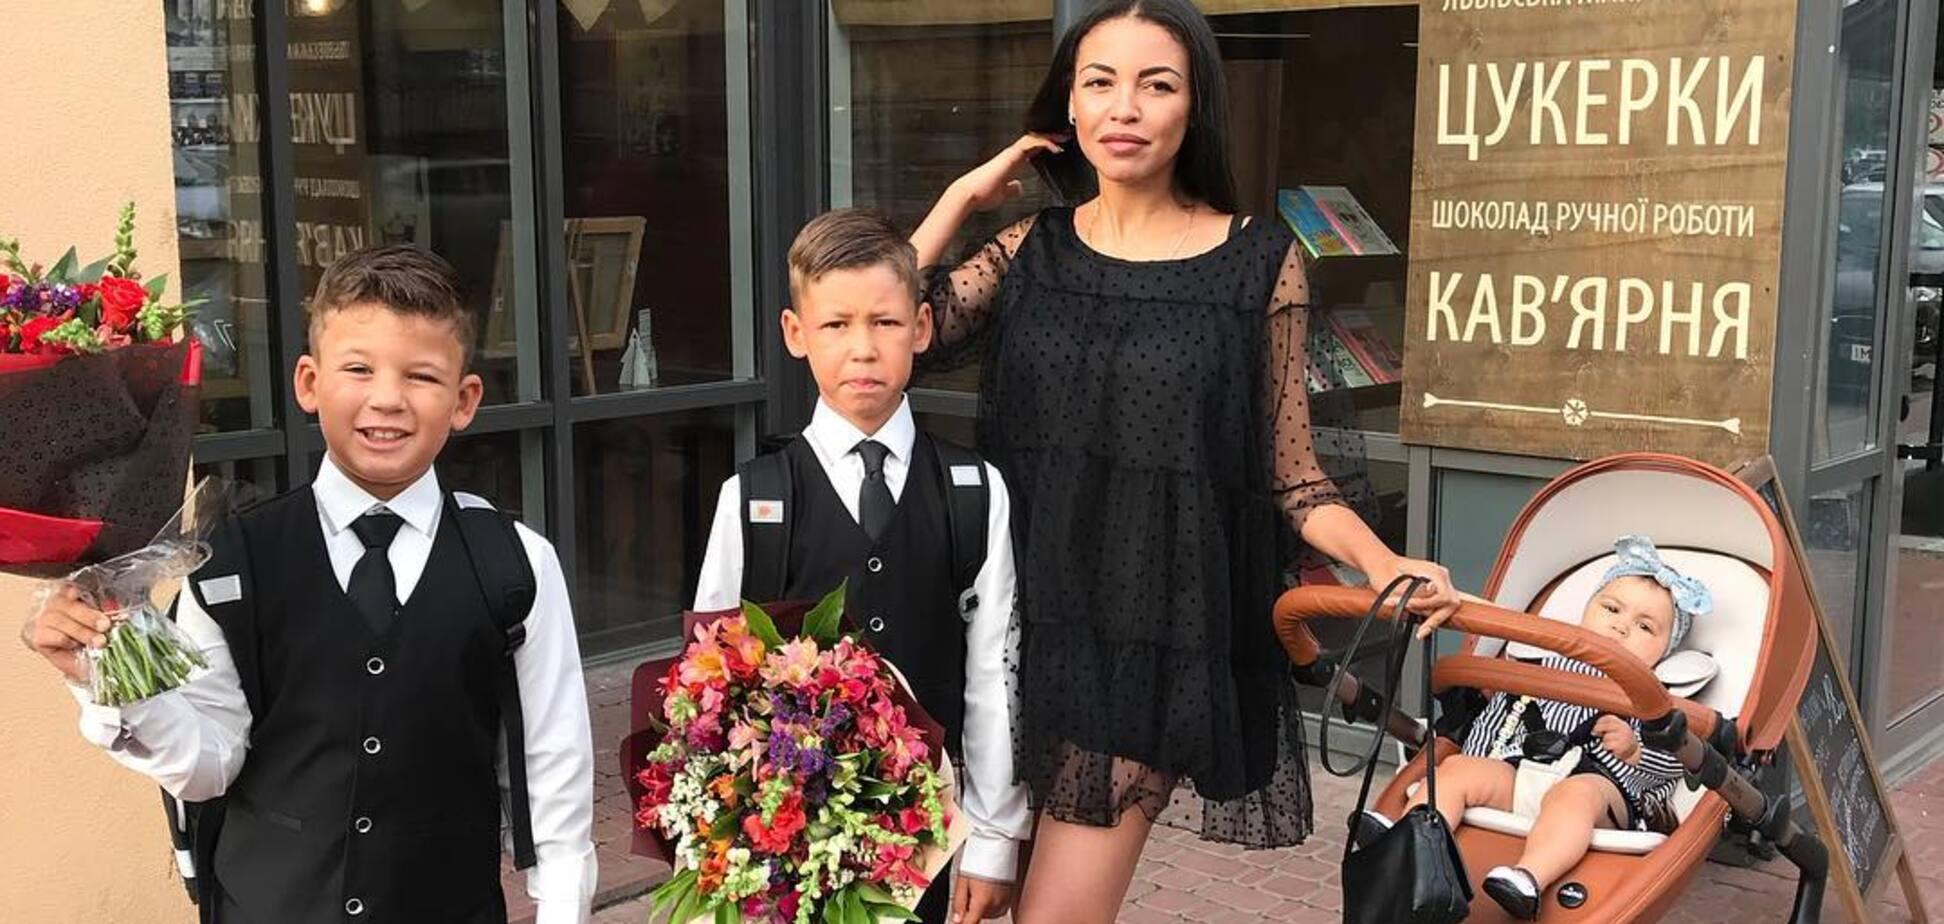 Бывшая жена Сереги рассказала о новой выходке рэпера: скандал с детьми получил продолжение